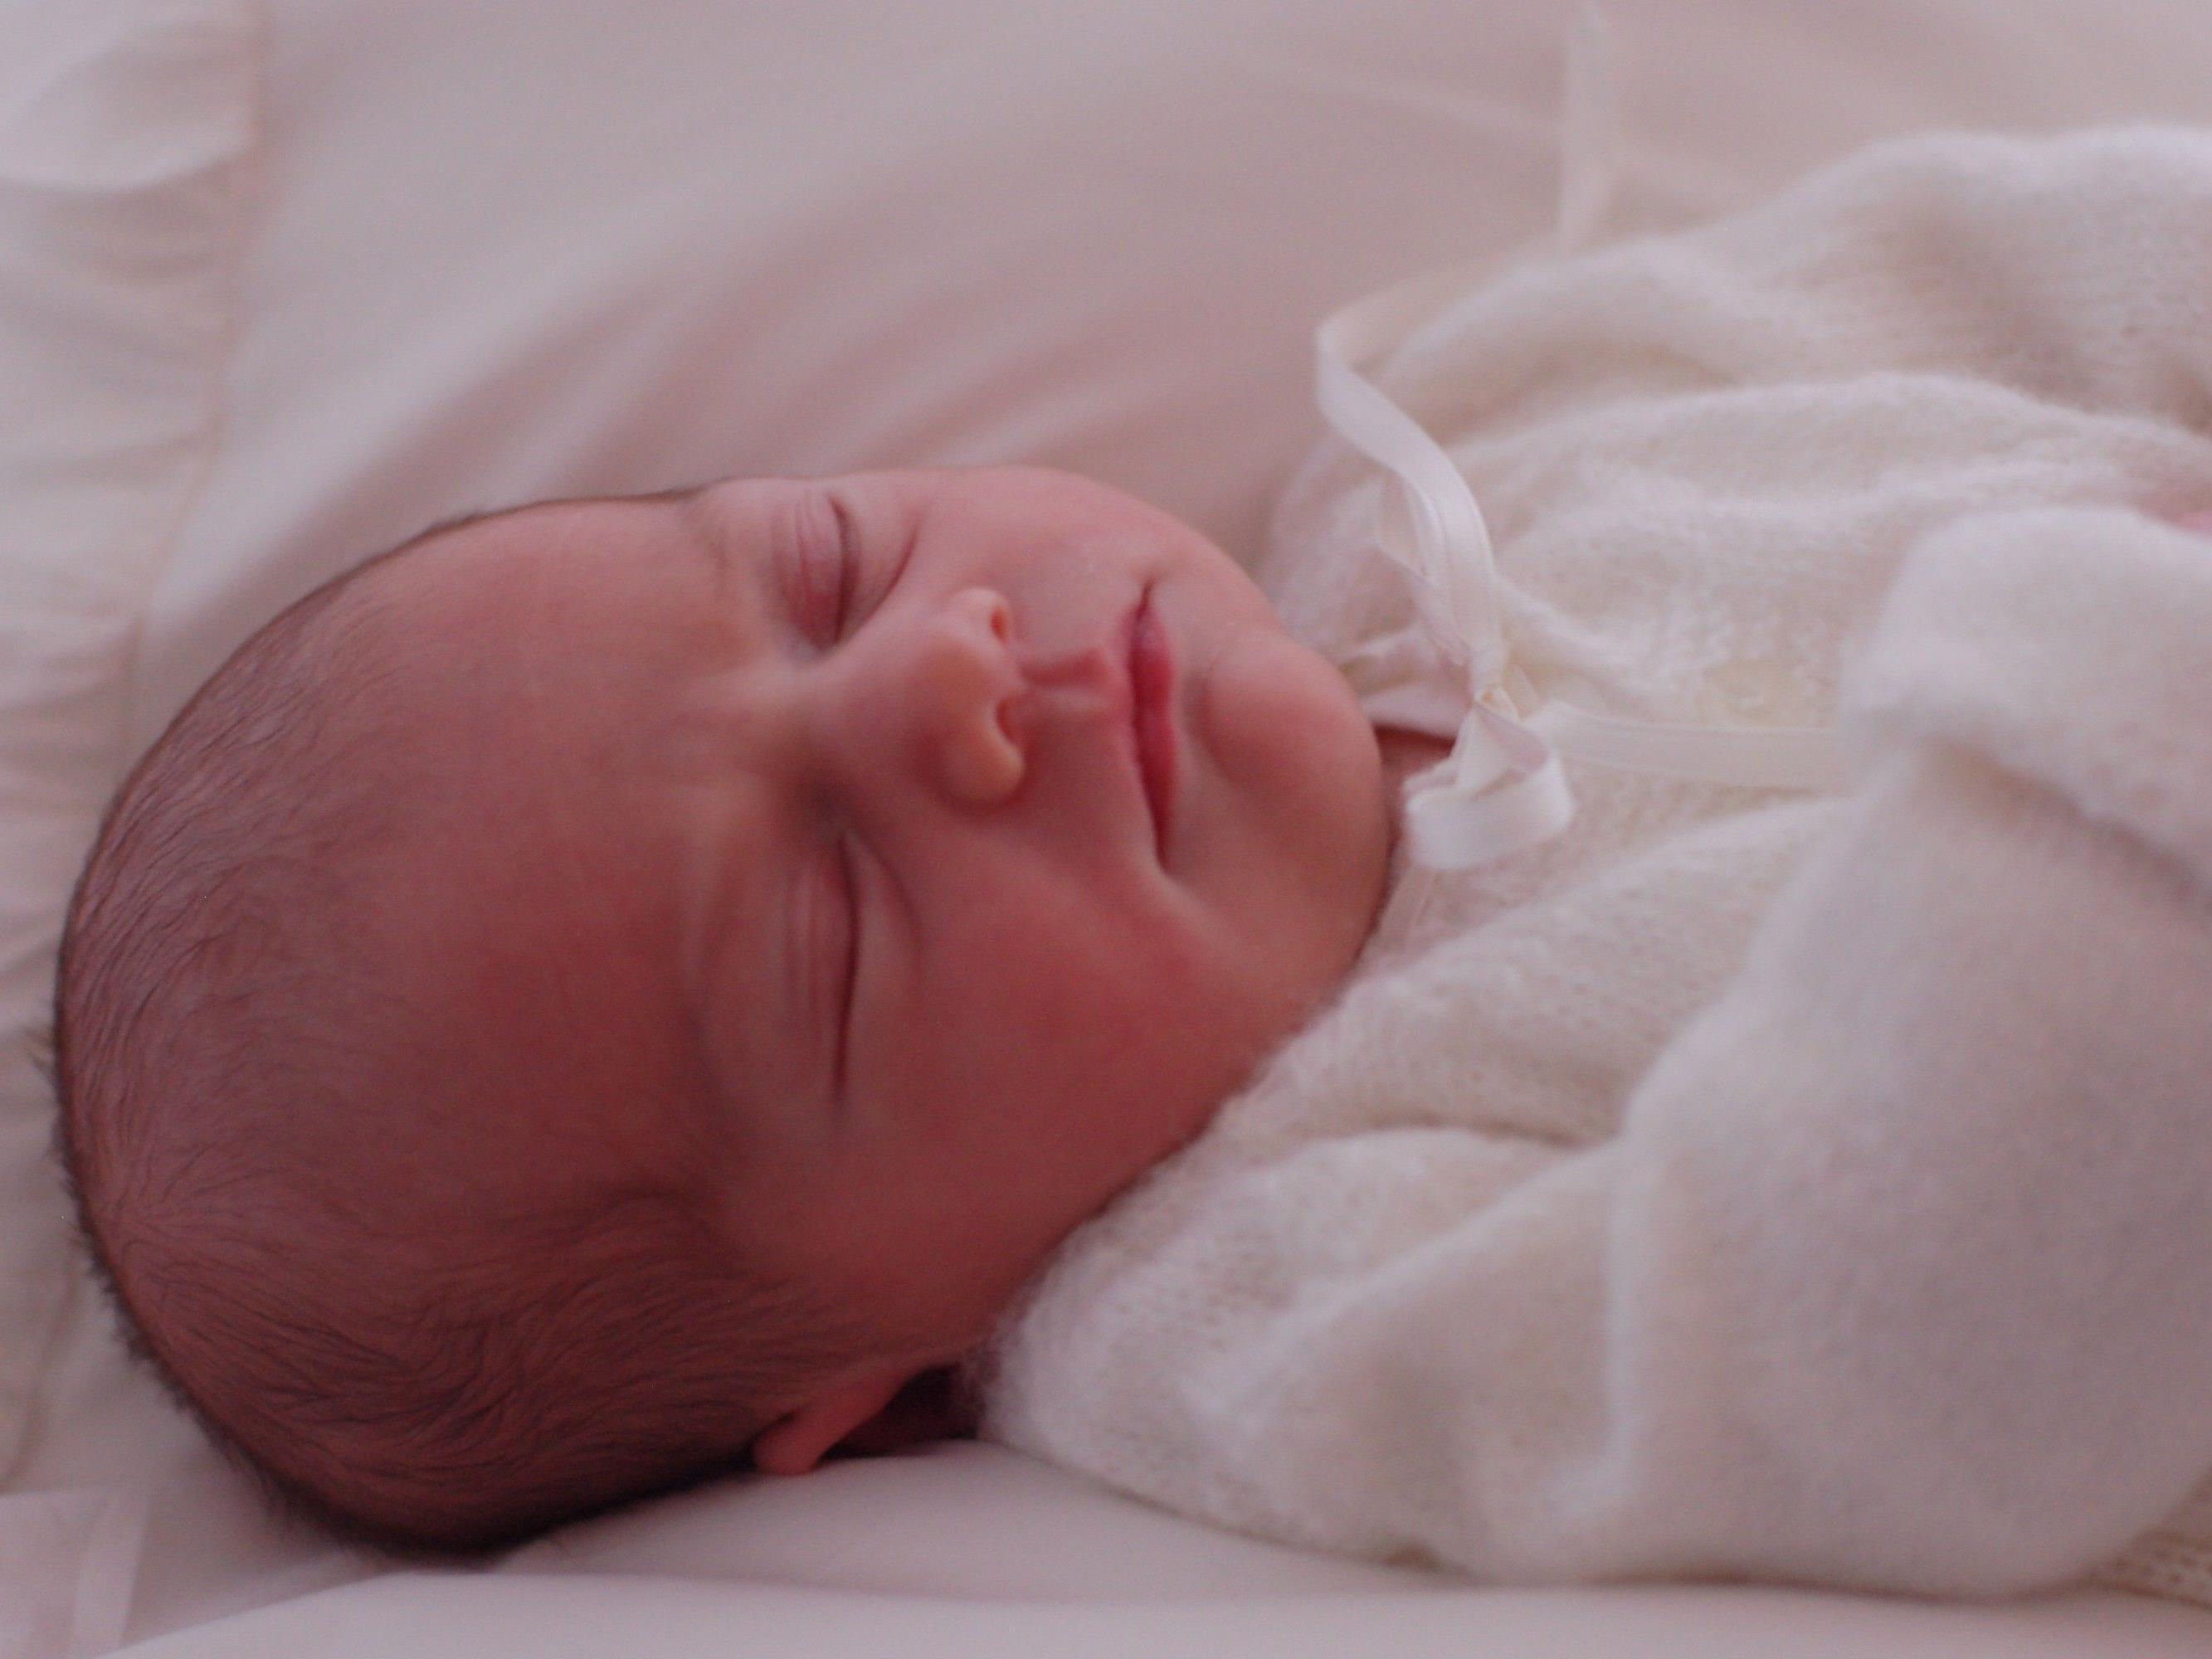 Die kleine Prinzessin heißt mit vollem Namen Estelle Silvia Ewa Mary und ist der ganze stolz ihrer Eltern Victoria und Daniel.